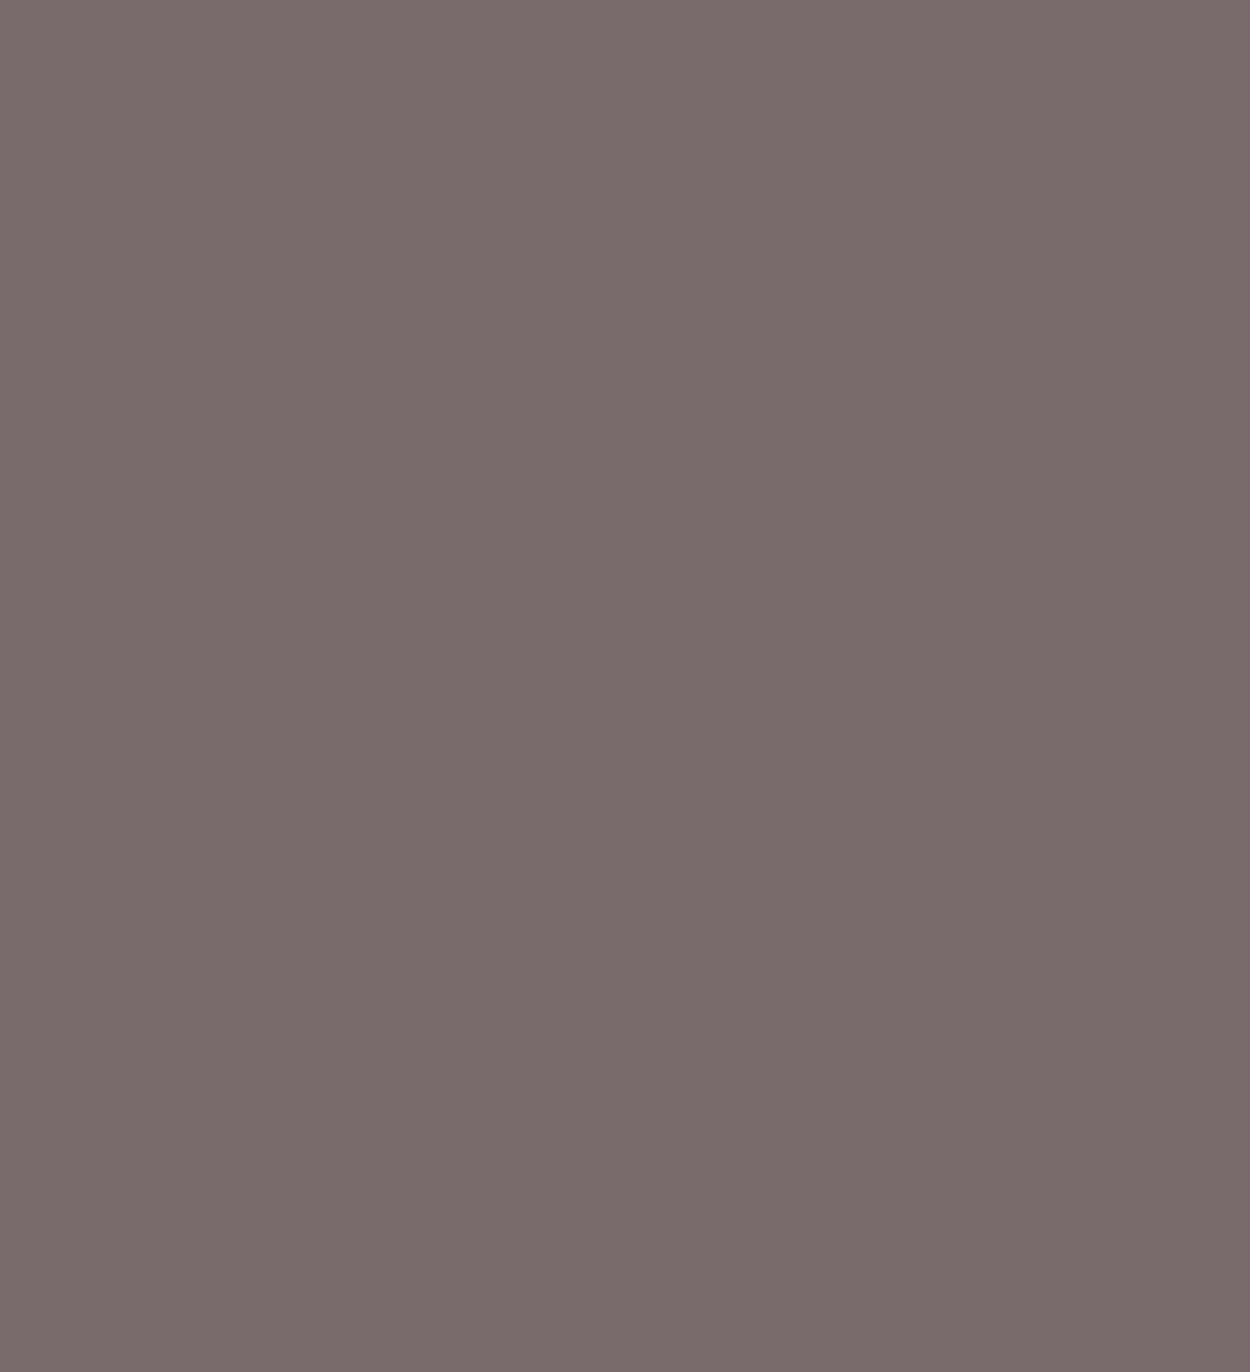 [間取り図]2LDK+S